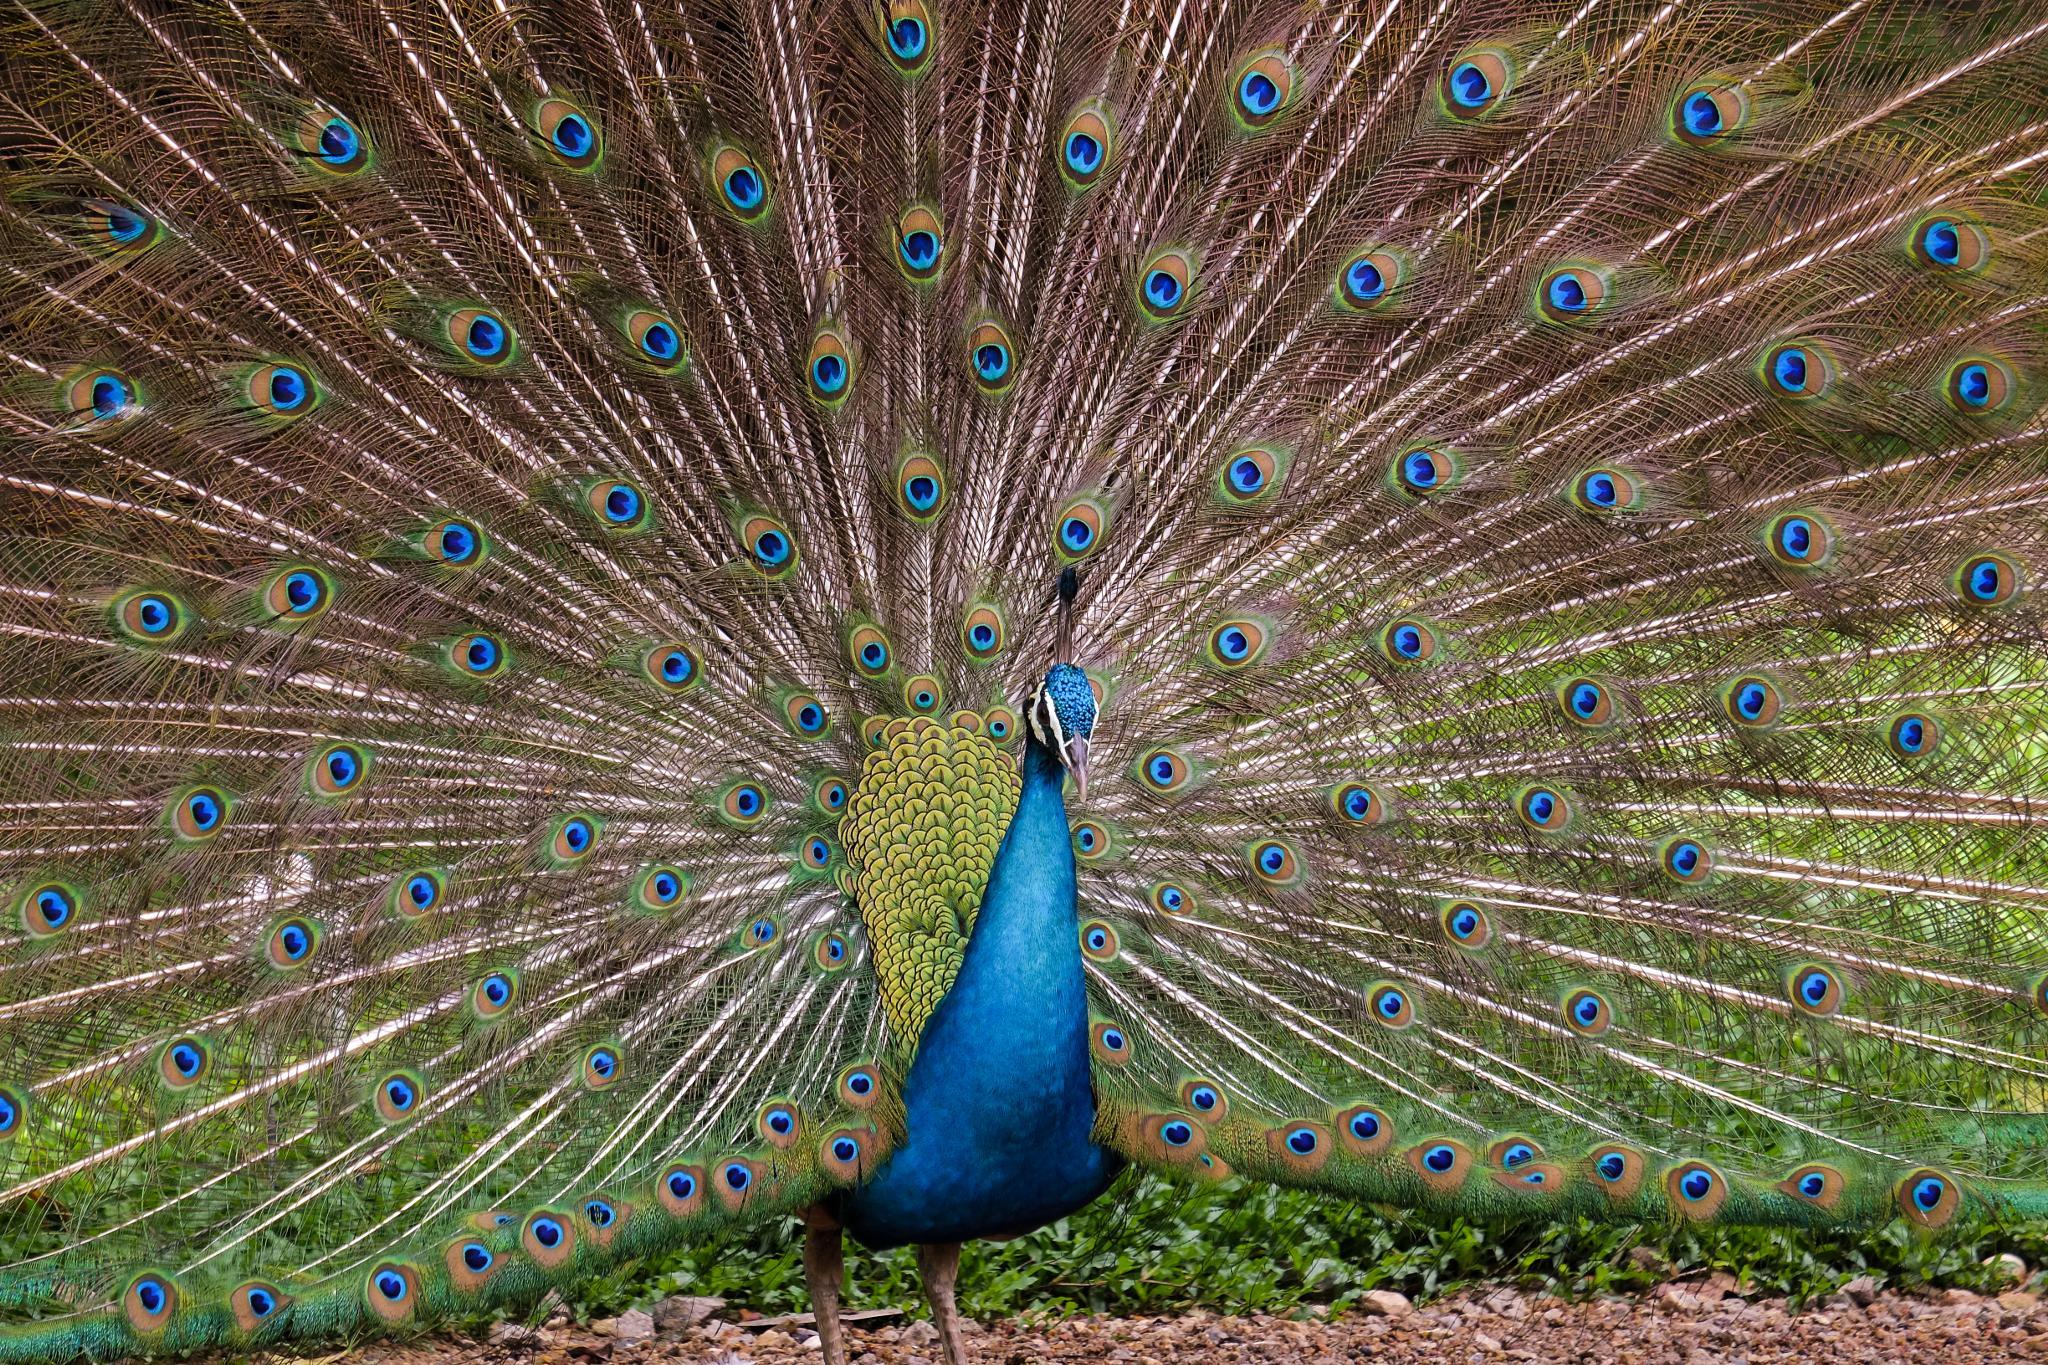 Peafowl by Burhanuddin